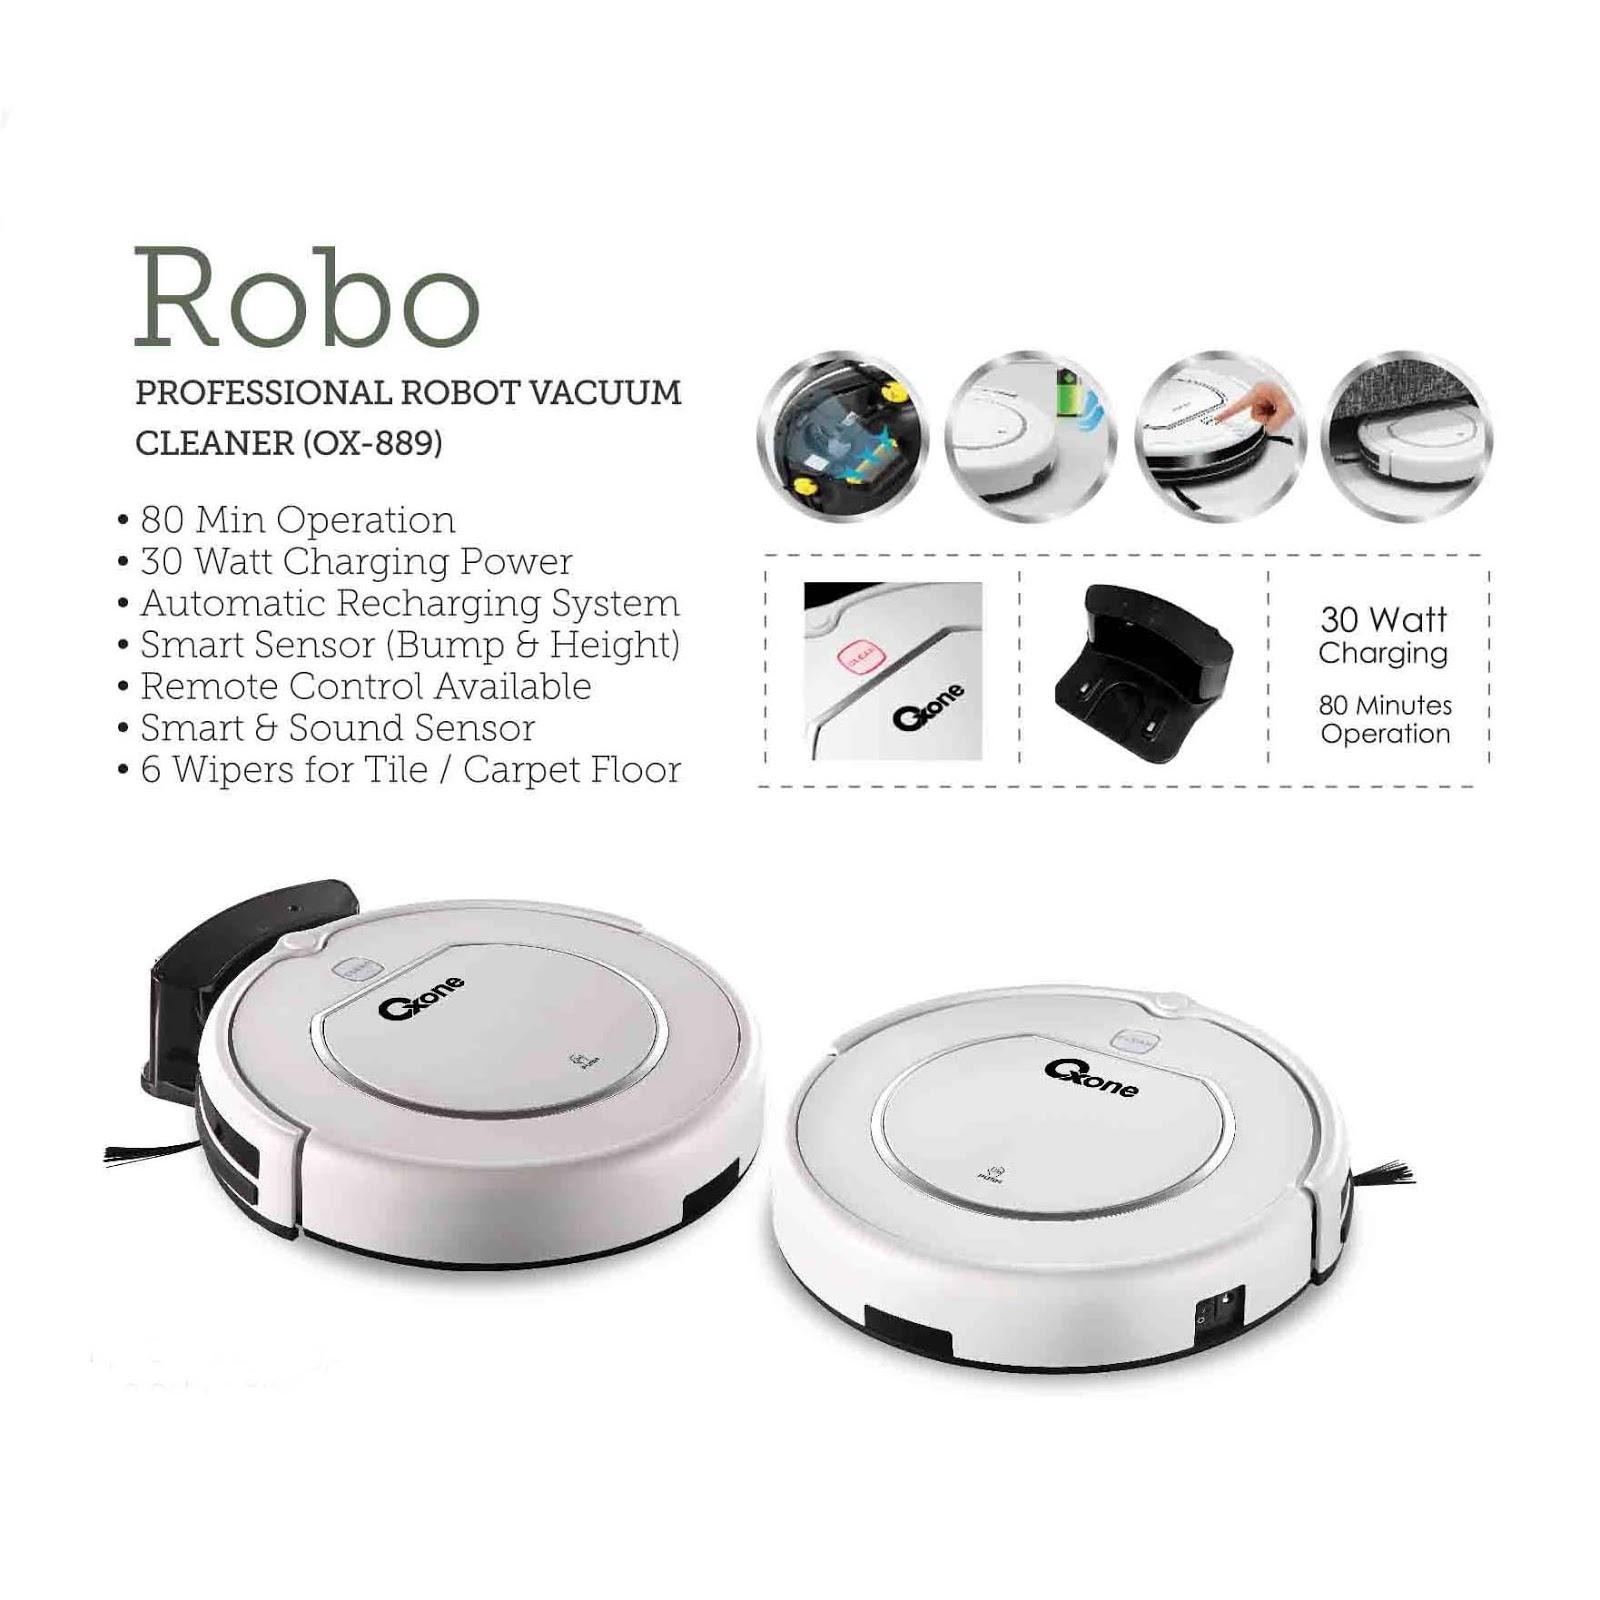 New Professional Robot Vacuum Cleaner Oxone Ox 889 Situs Belanja Online Oxone Dengan Promo Diskon Besar Harga Murah Aman Terpercaya